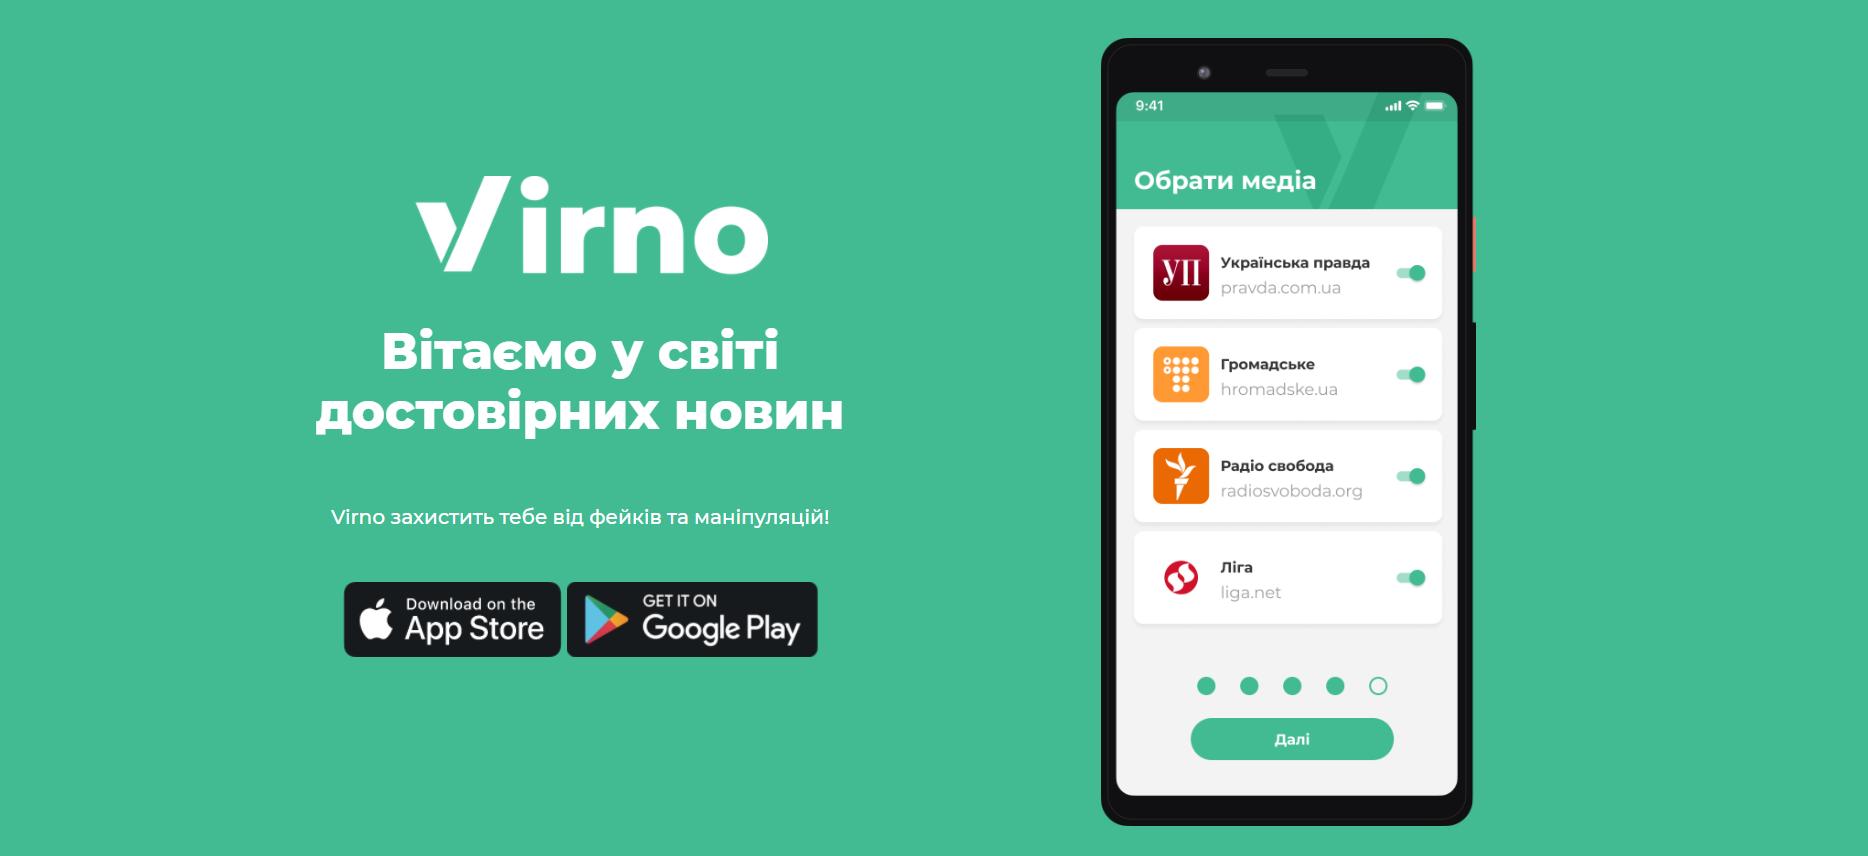 """Мобільний додаток перевірених новин """"Virno"""""""